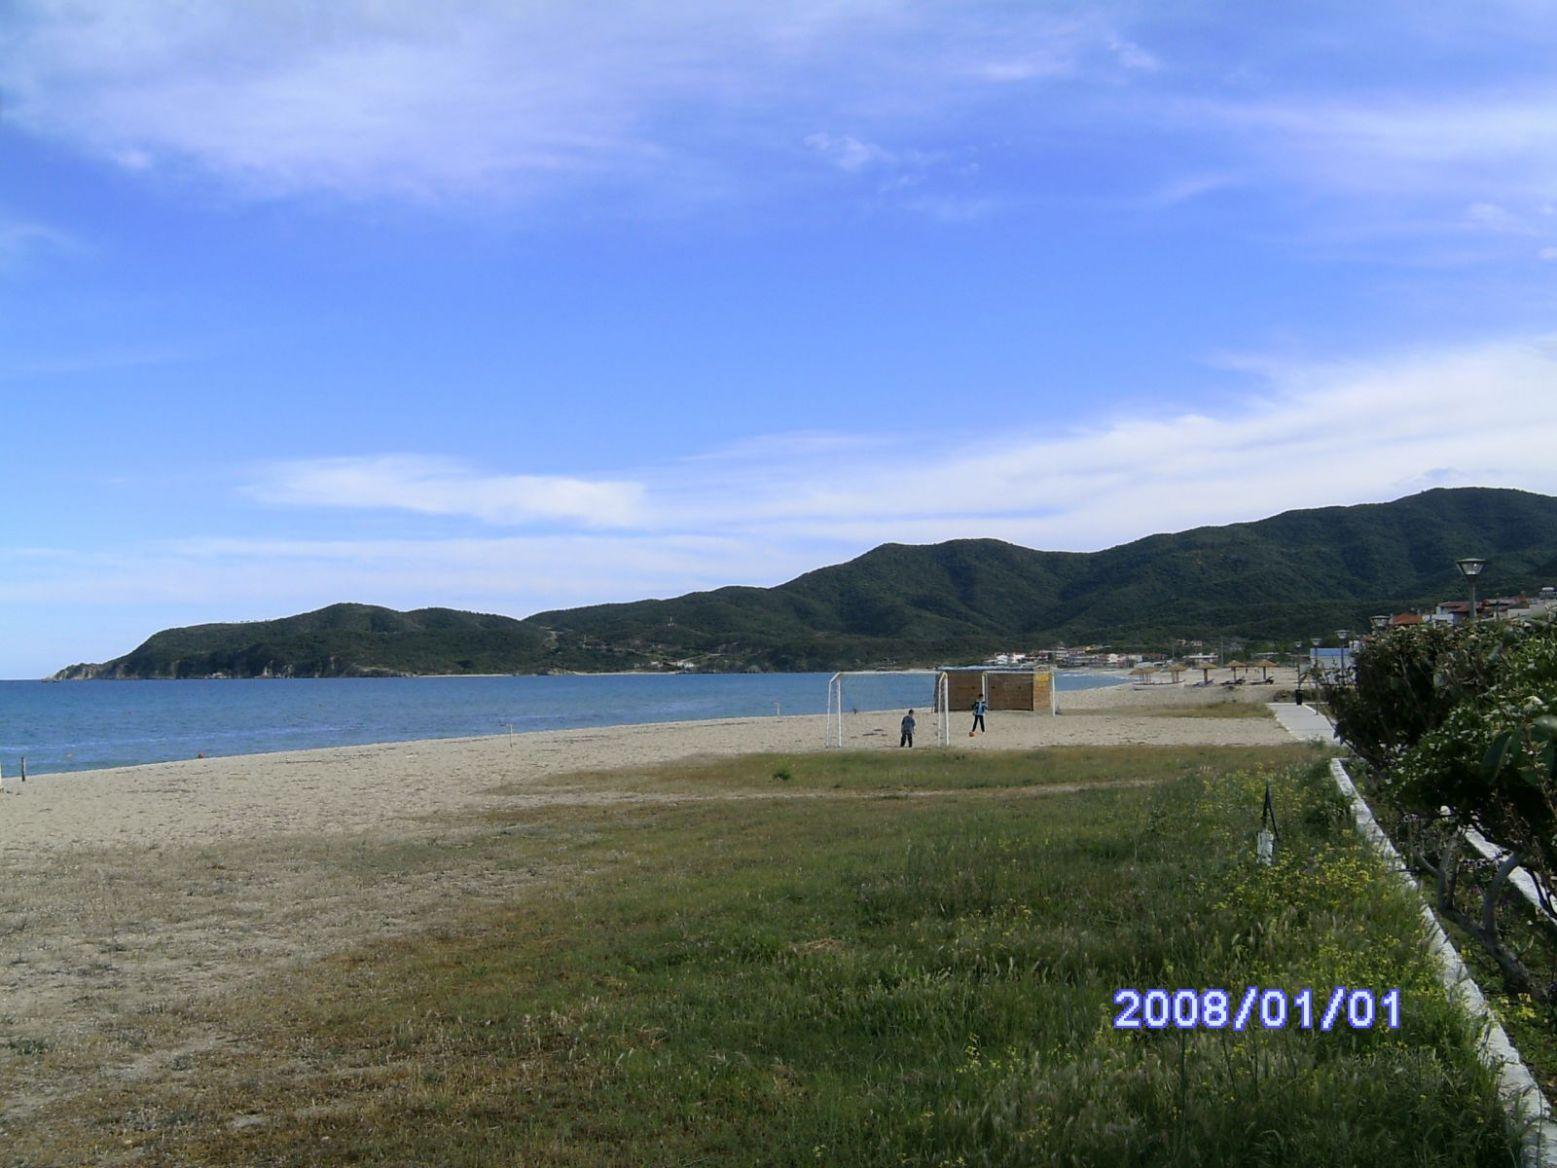 PICT1321.JPG